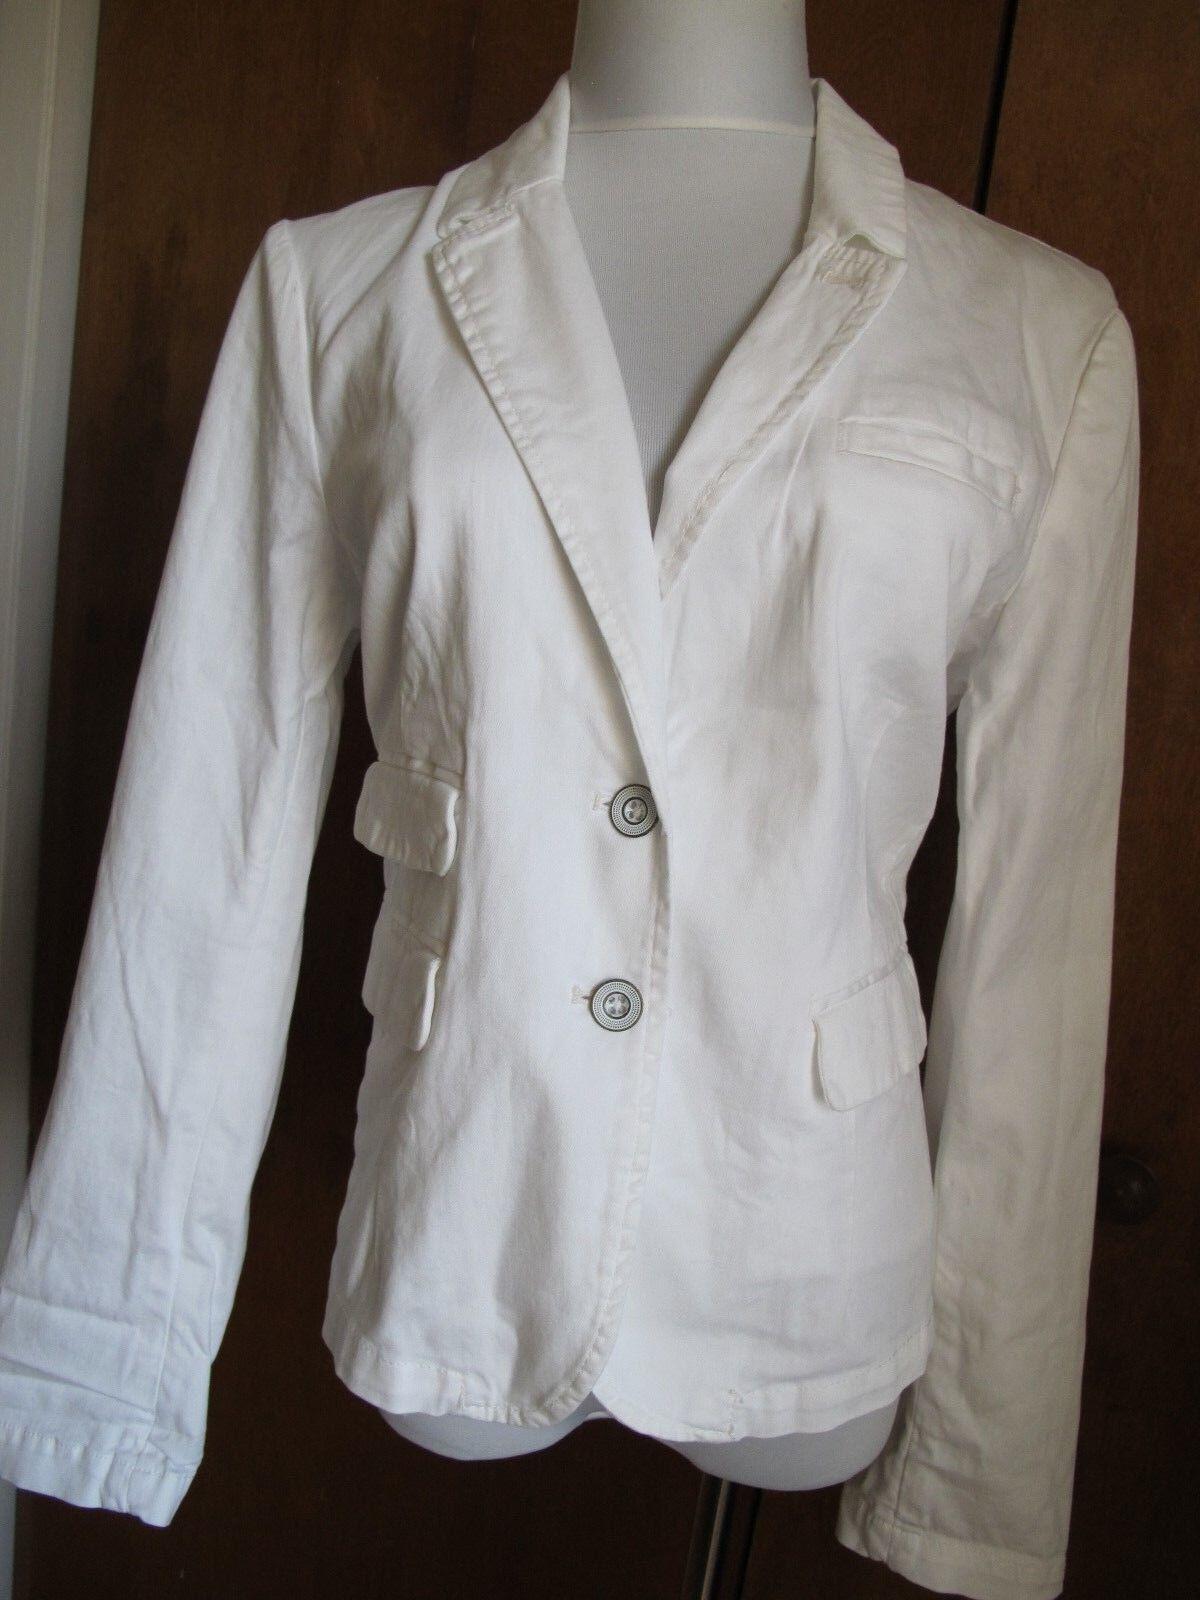 Anthropologie HEI women's white blazer size Large NWT